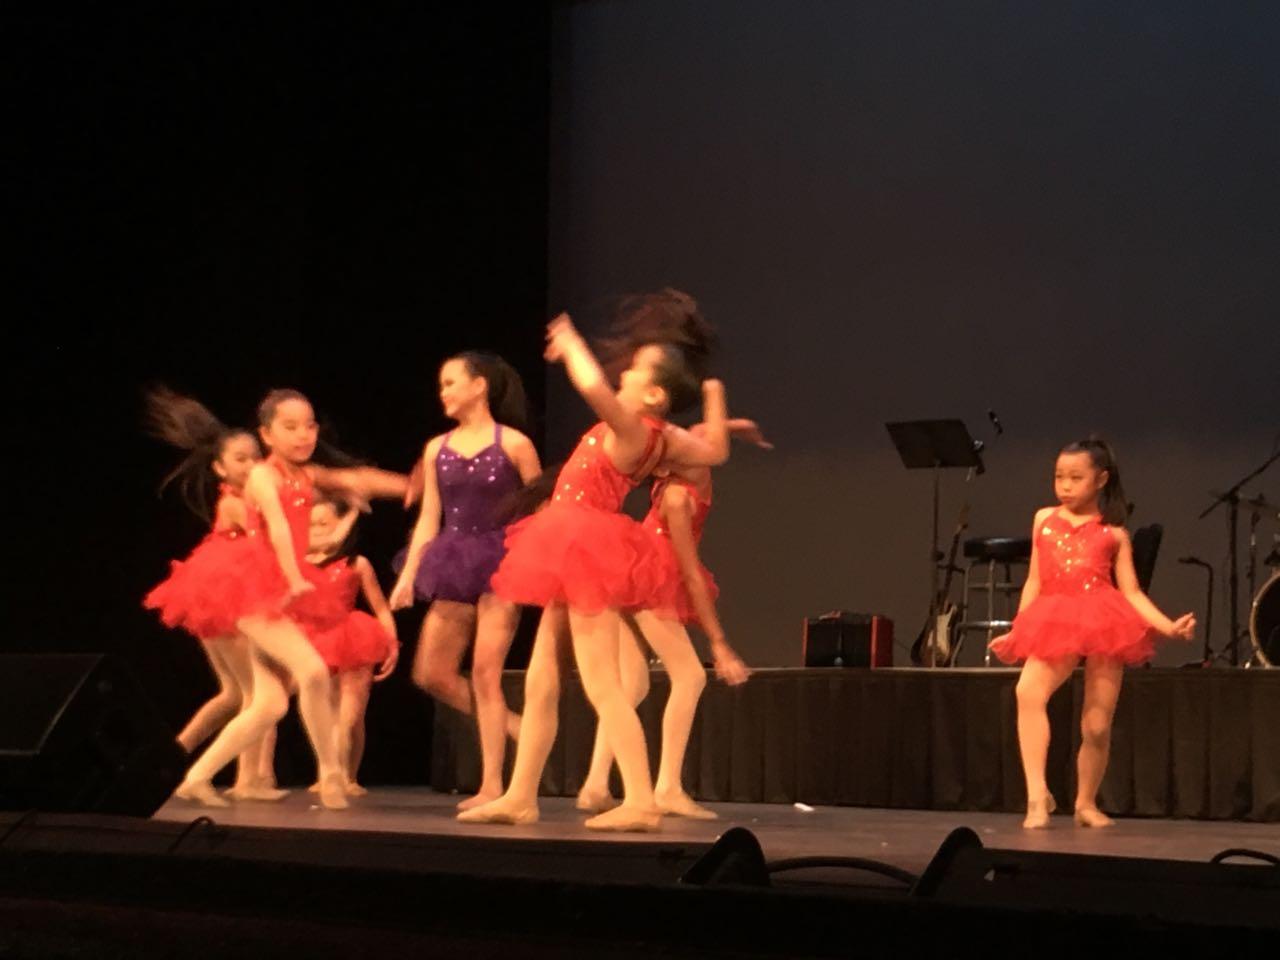 Sabrina和小朋友們帶來舞蹈表演。(記者王若然/攝影)